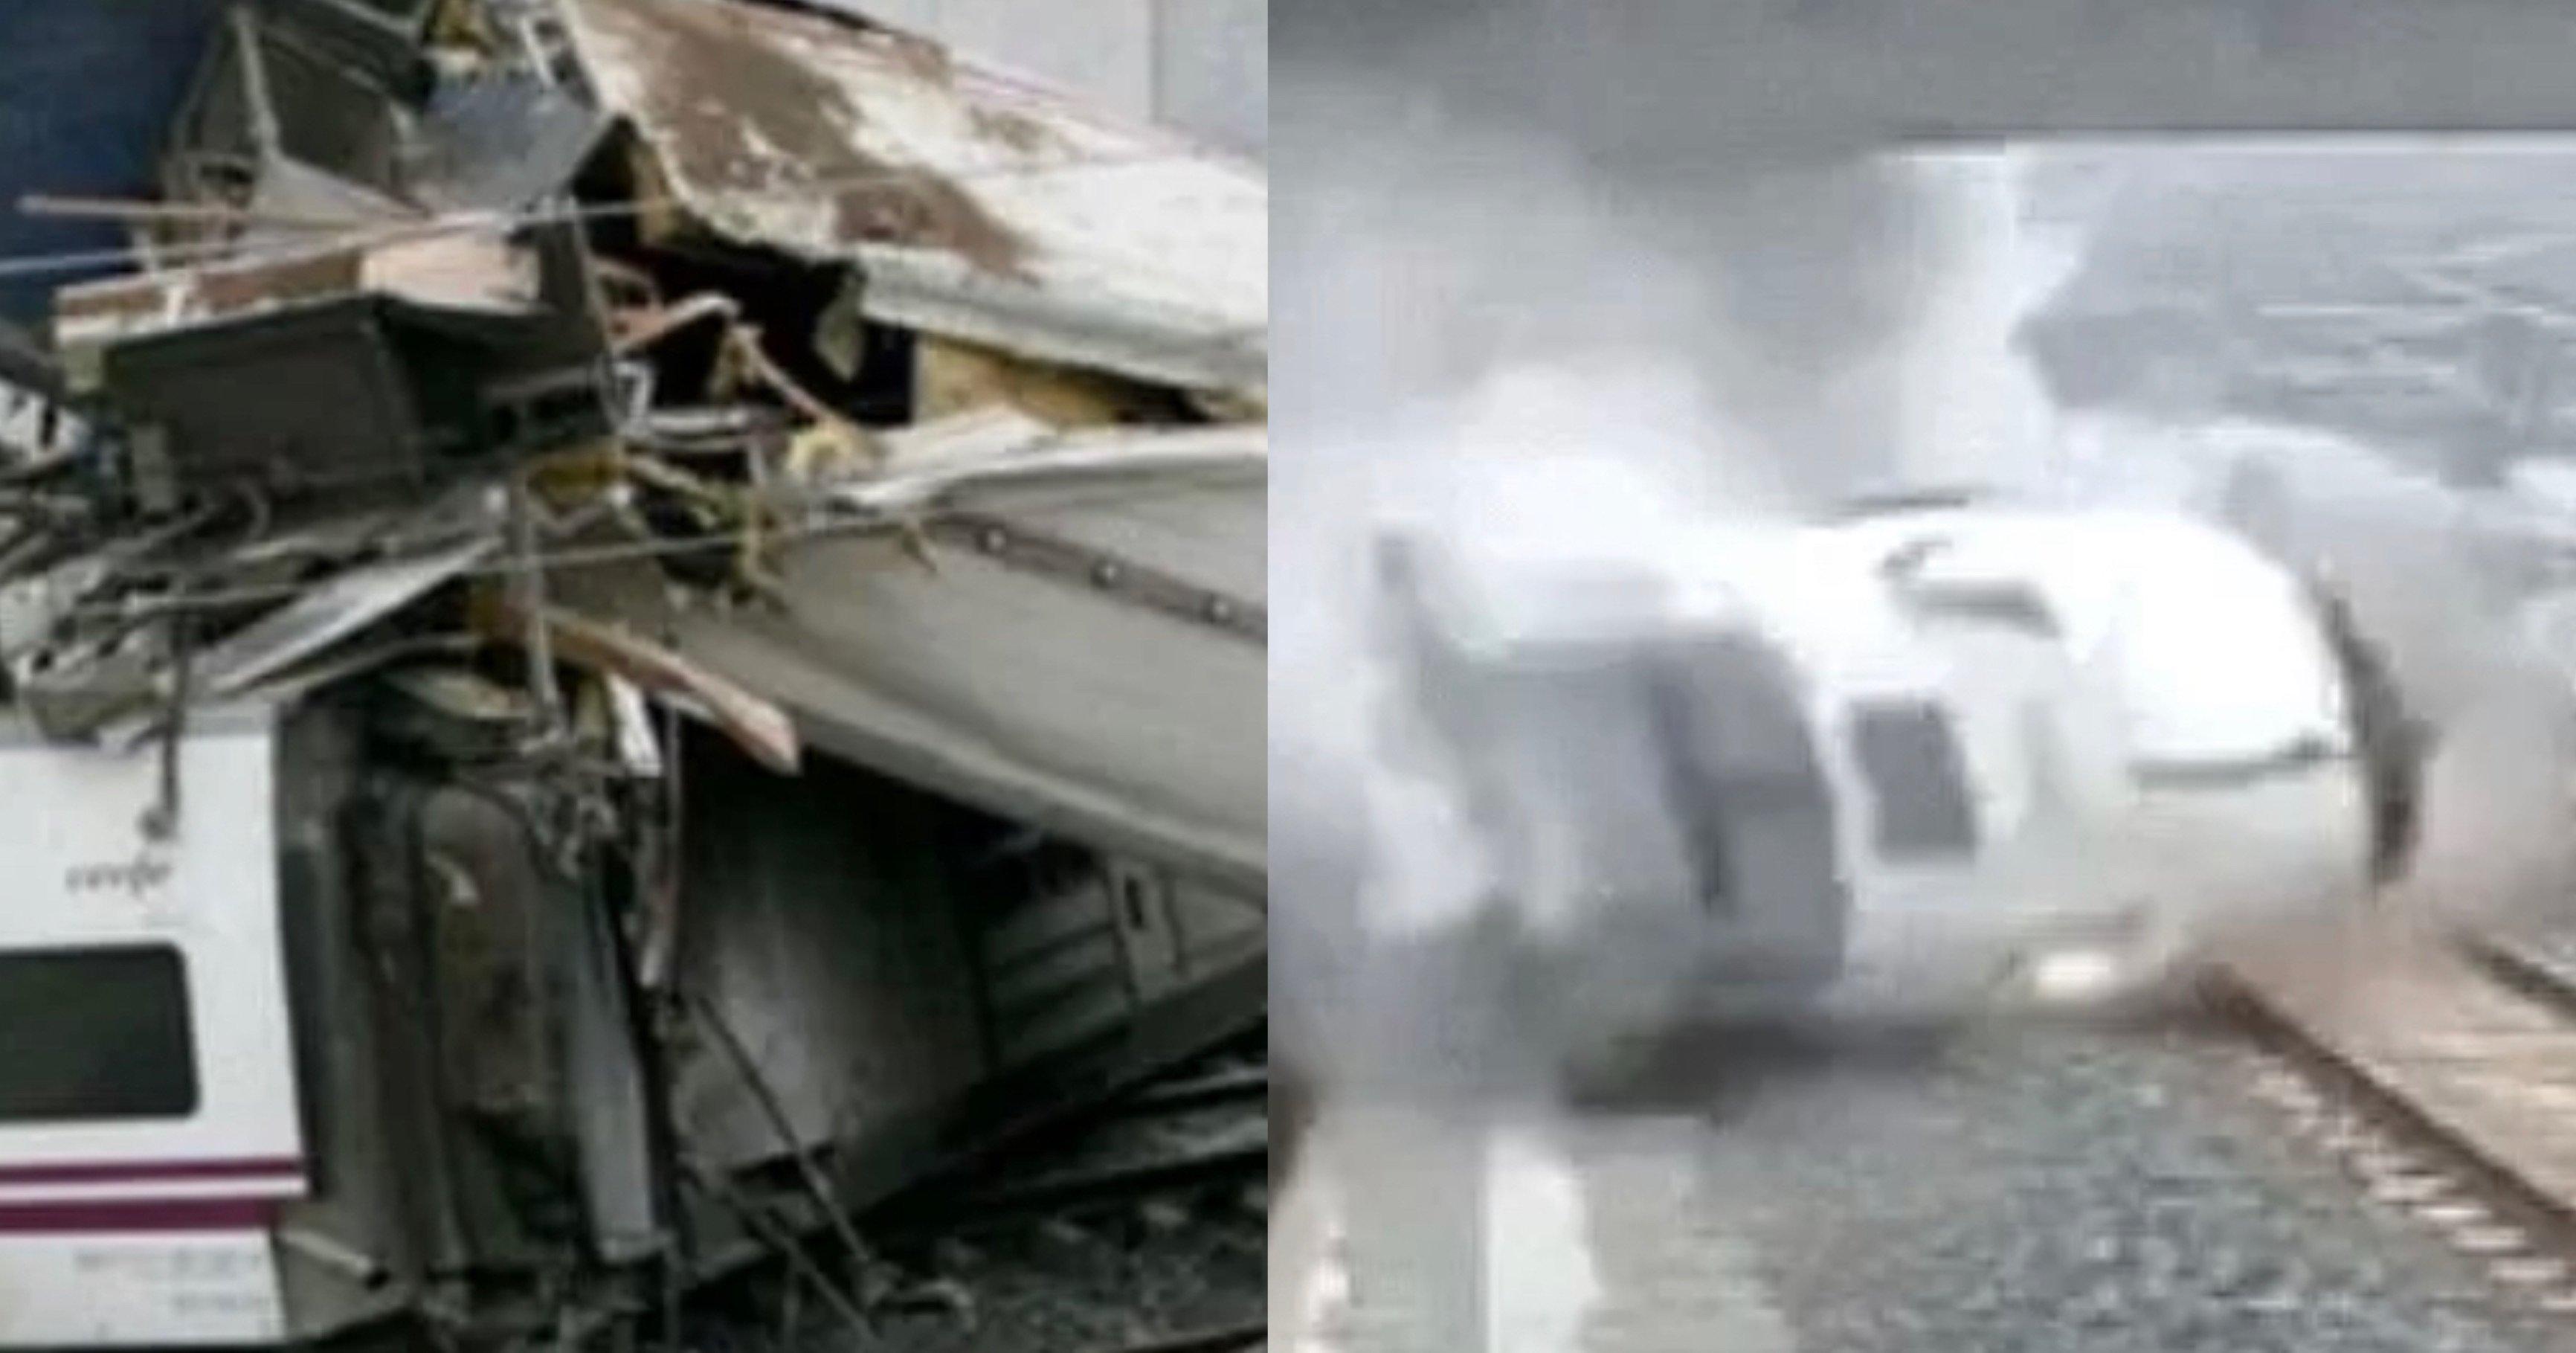 """06bc8cf5 fa49 47c0 b65c edbb2e4ba2d9.jpeg?resize=1200,630 - """"사망80명, 부상 140명""""의 대규모 최악의 열차 탈선 사고의 '충격적인' CCTV 영상"""